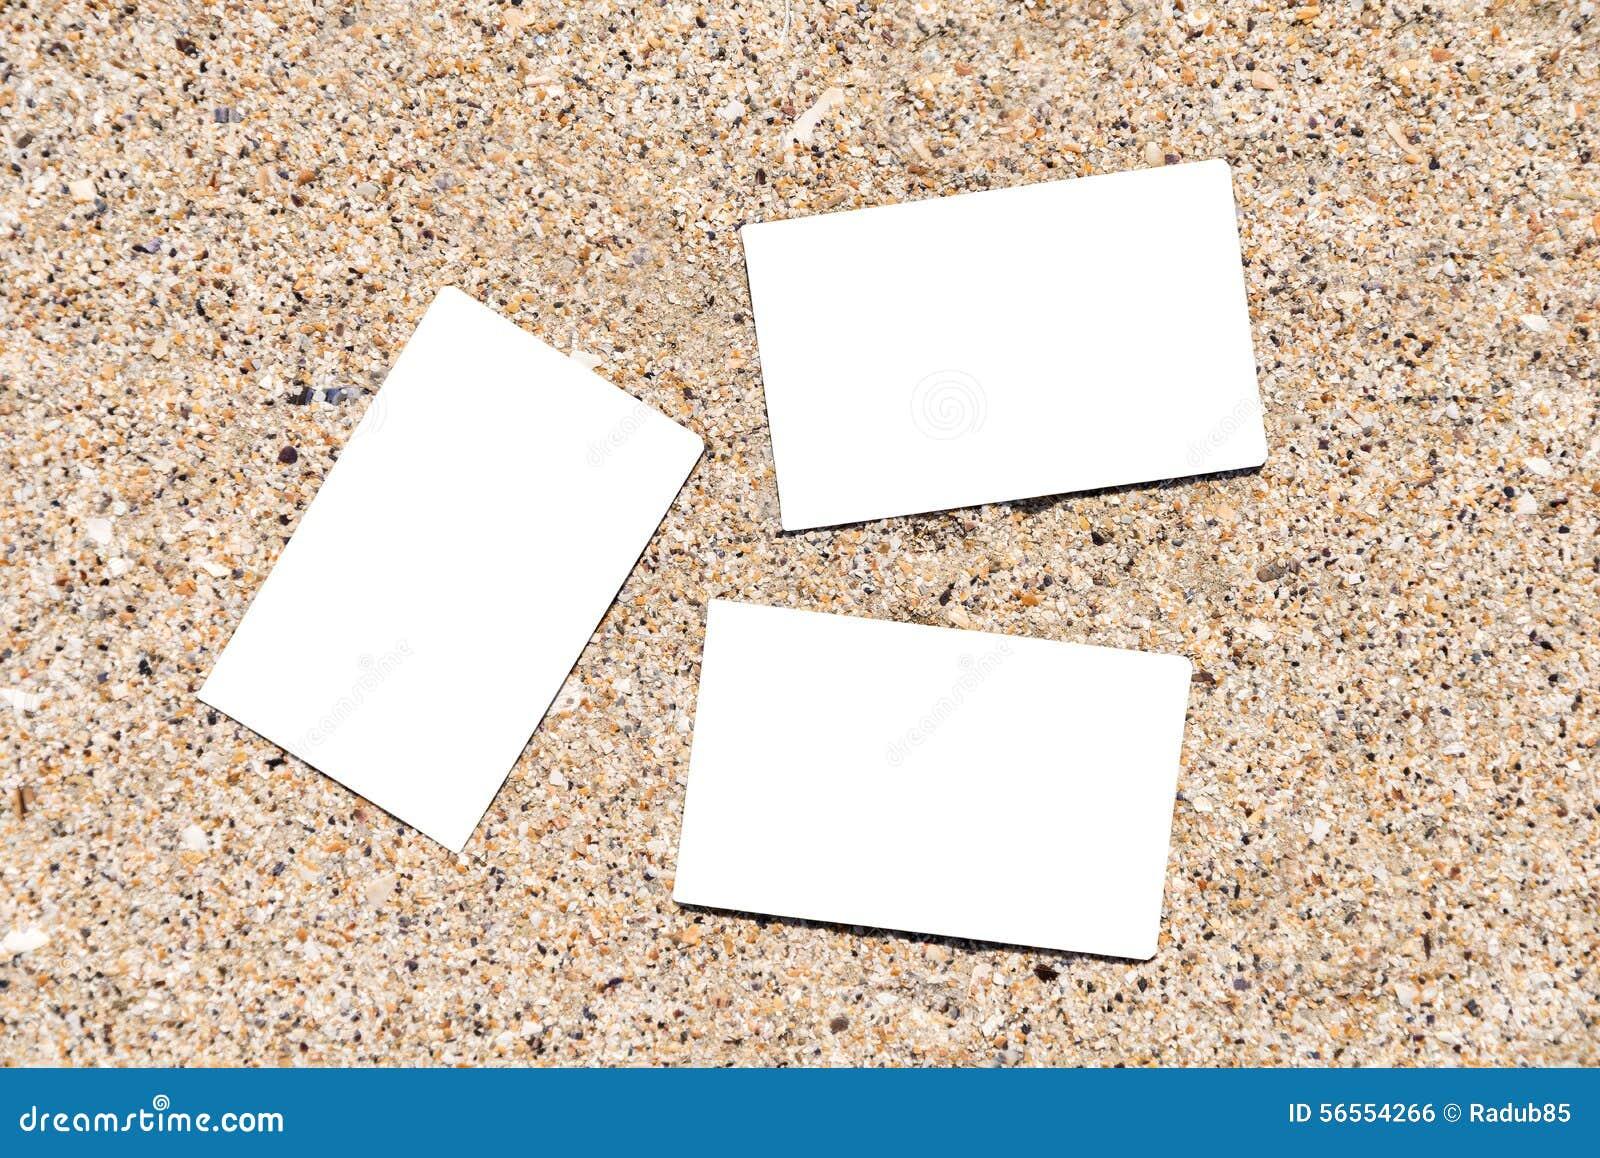 Download Άσπρες κενές επαγγελματικές κάρτες στην άμμο παραλιών Στοκ Εικόνες - εικόνα από κάπρων, φωτογραφία: 56554266